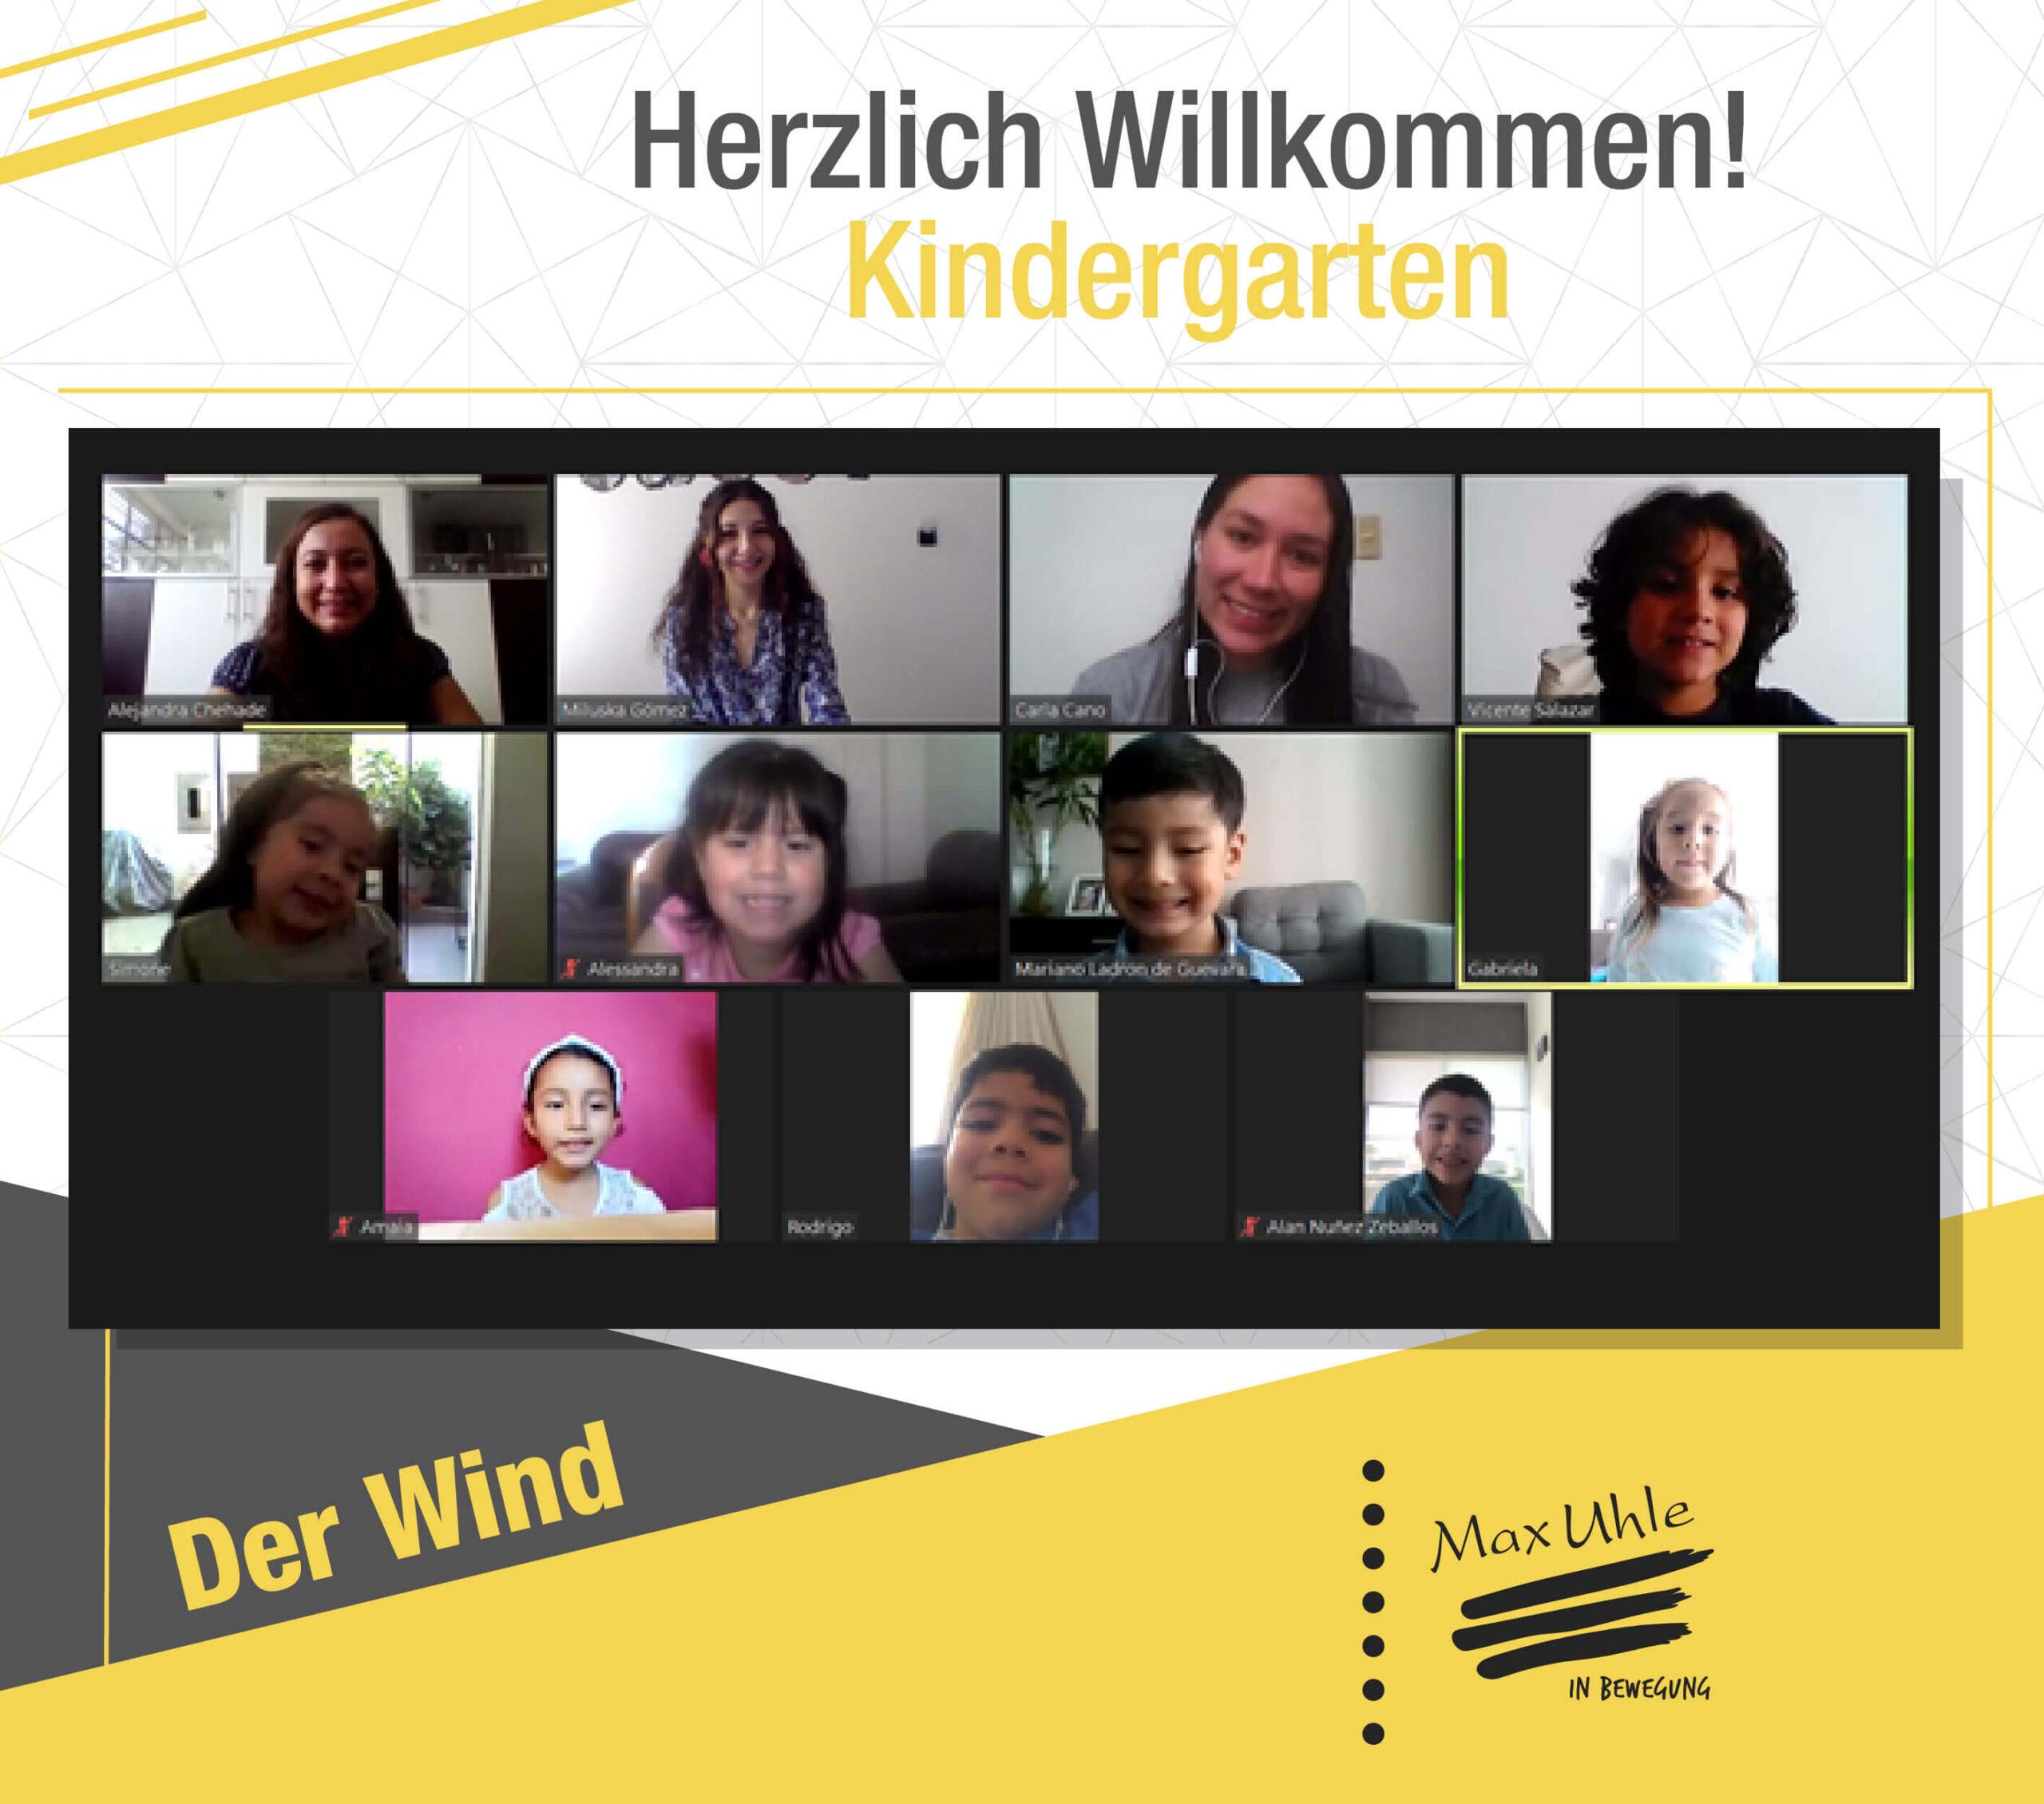 regreso a clases 2021 kindergarten der wind